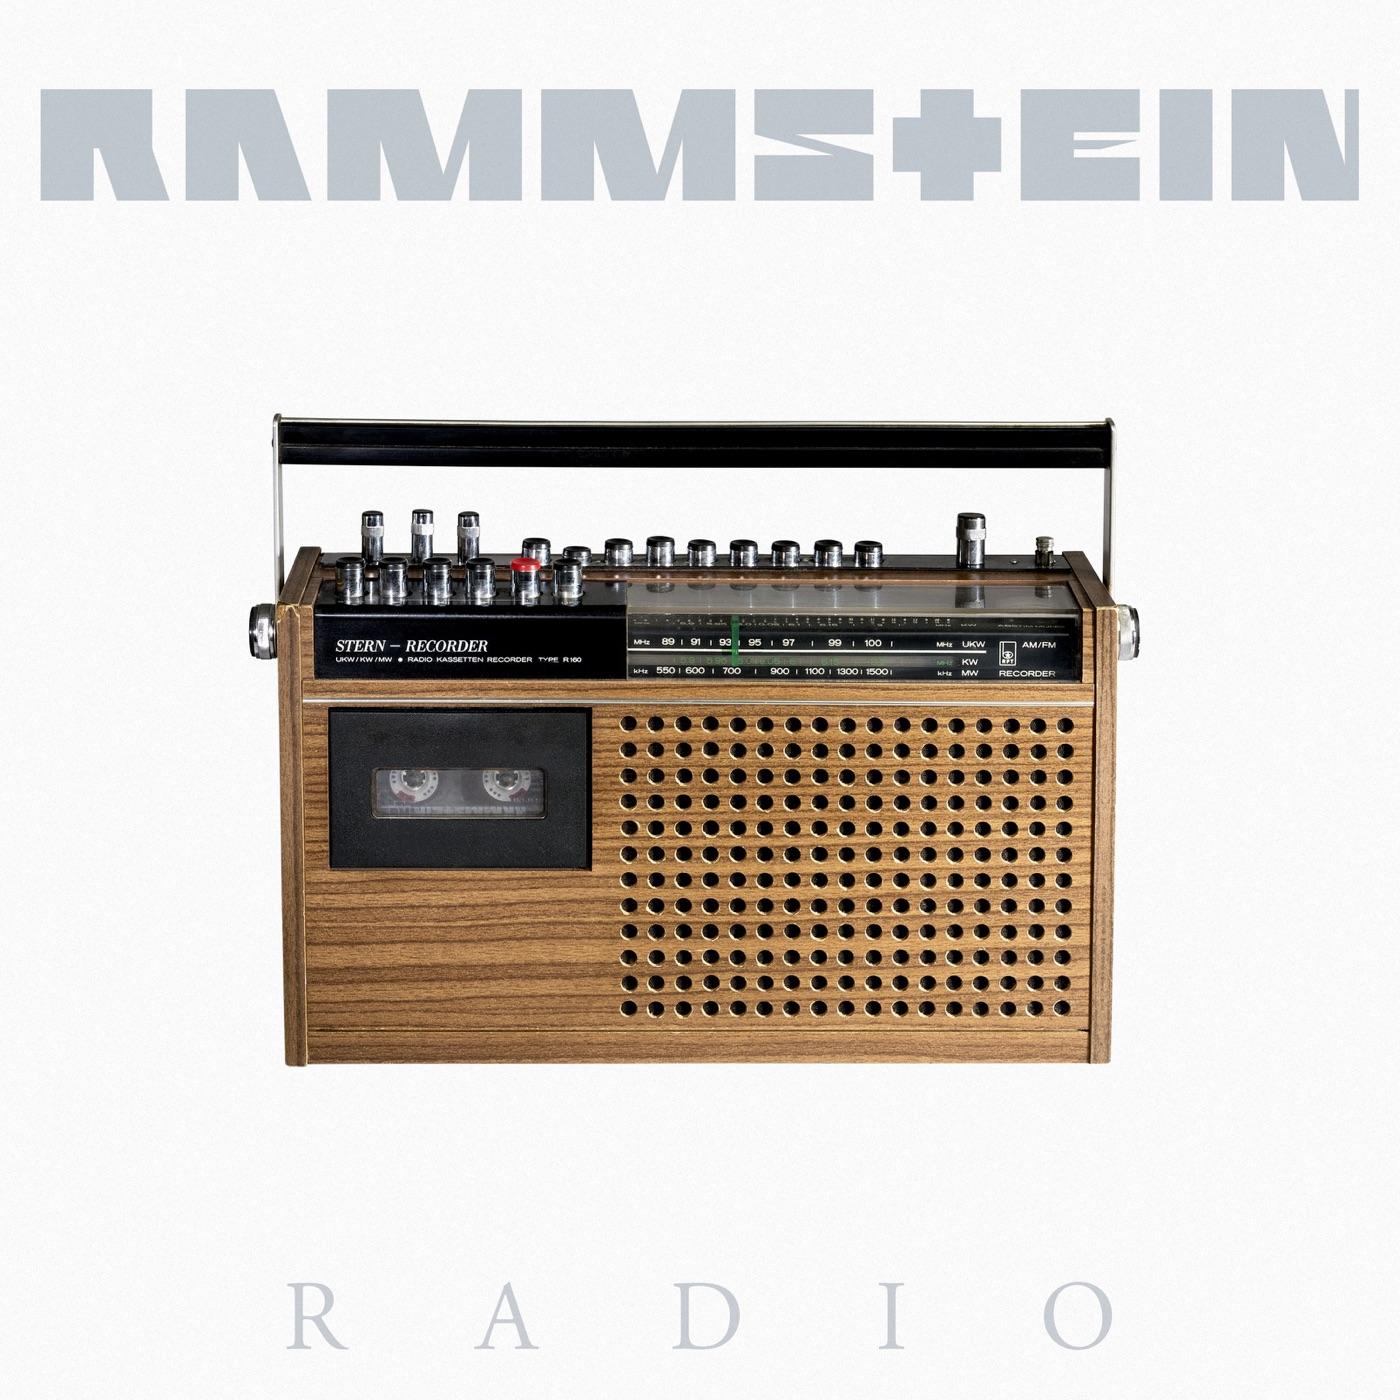 Rammstein - RADIO [Single] (2019)